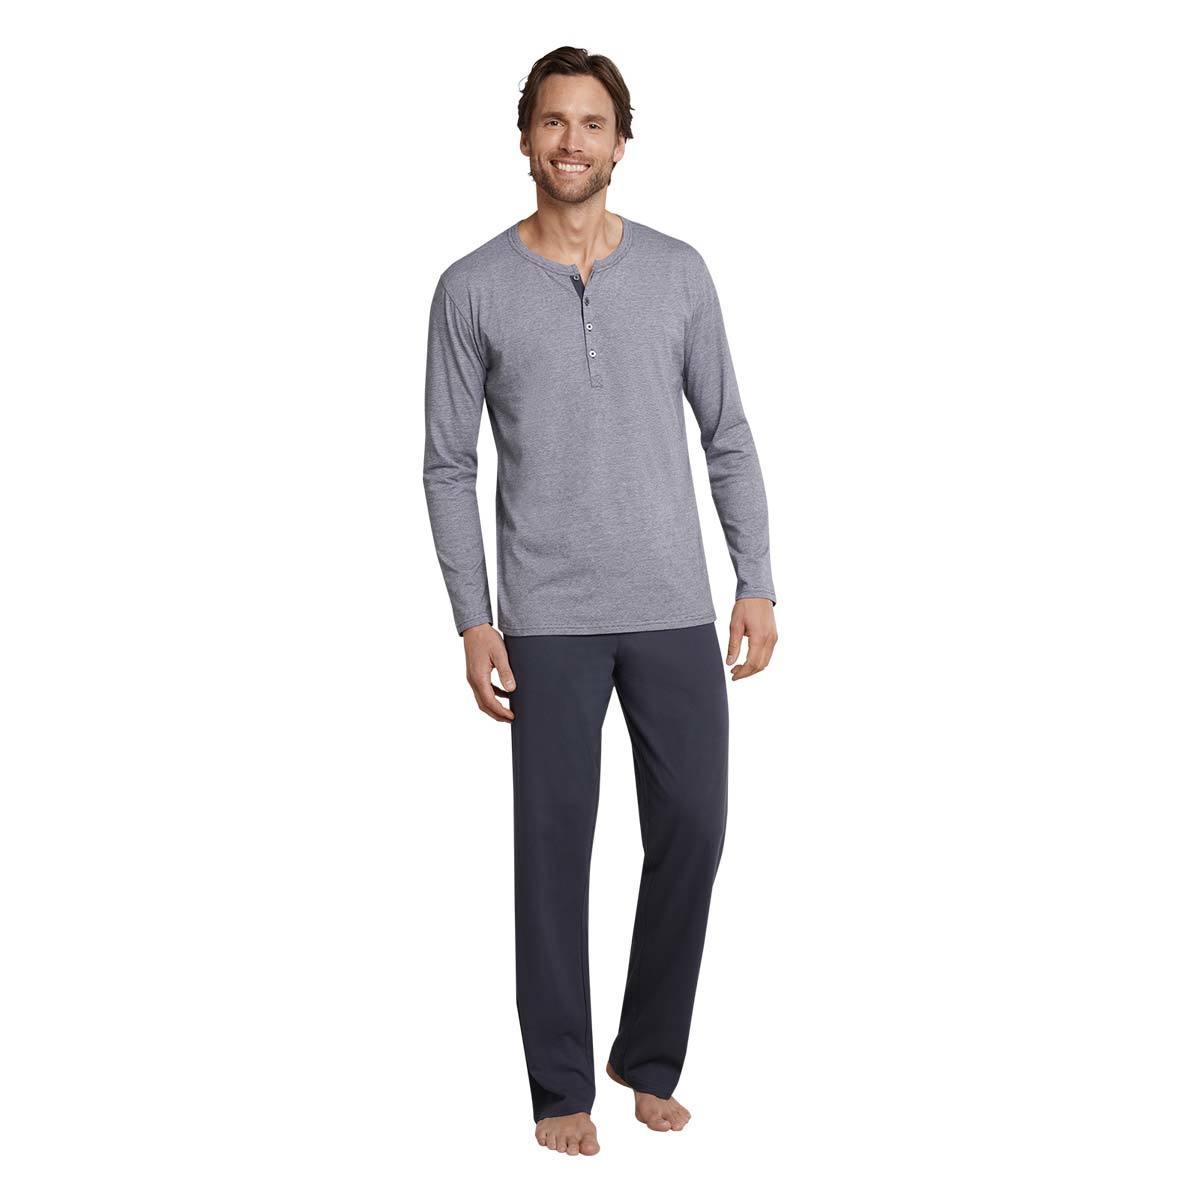 Schiesser Schlafanzug Herren Pyjama lang anthrazit